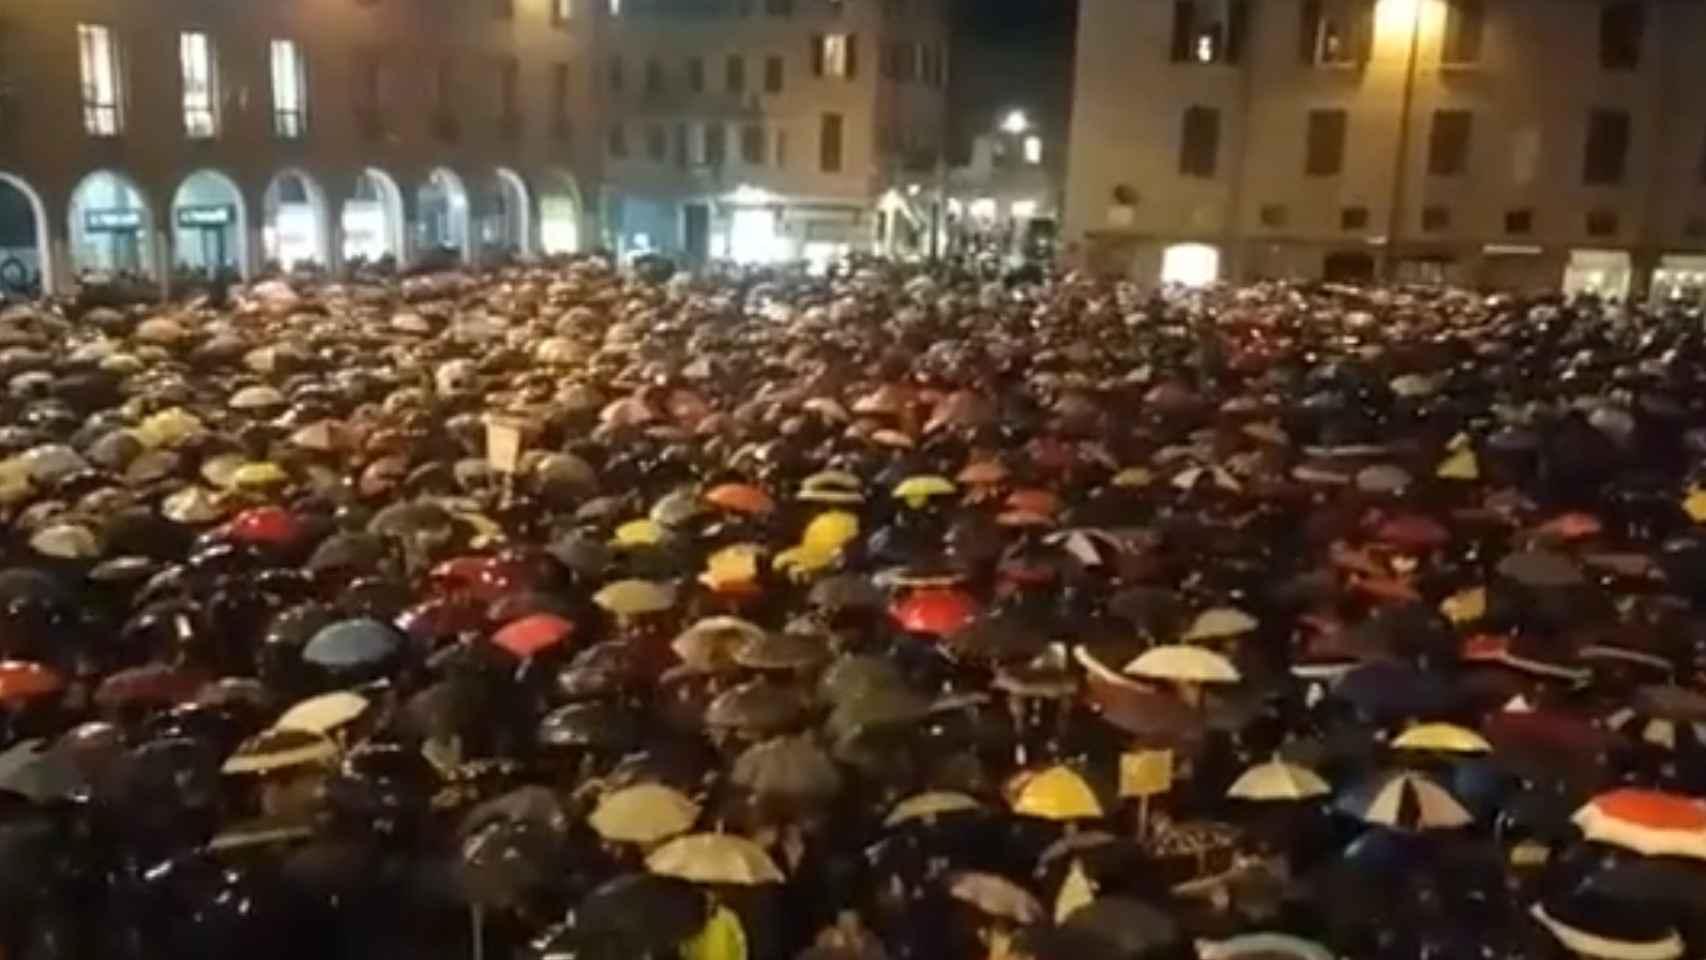 Vídeo | 7 000 personas cantan en Módena el himno antifascista «Bella Ciao» al líder de la extrema derecha italiana Salvini